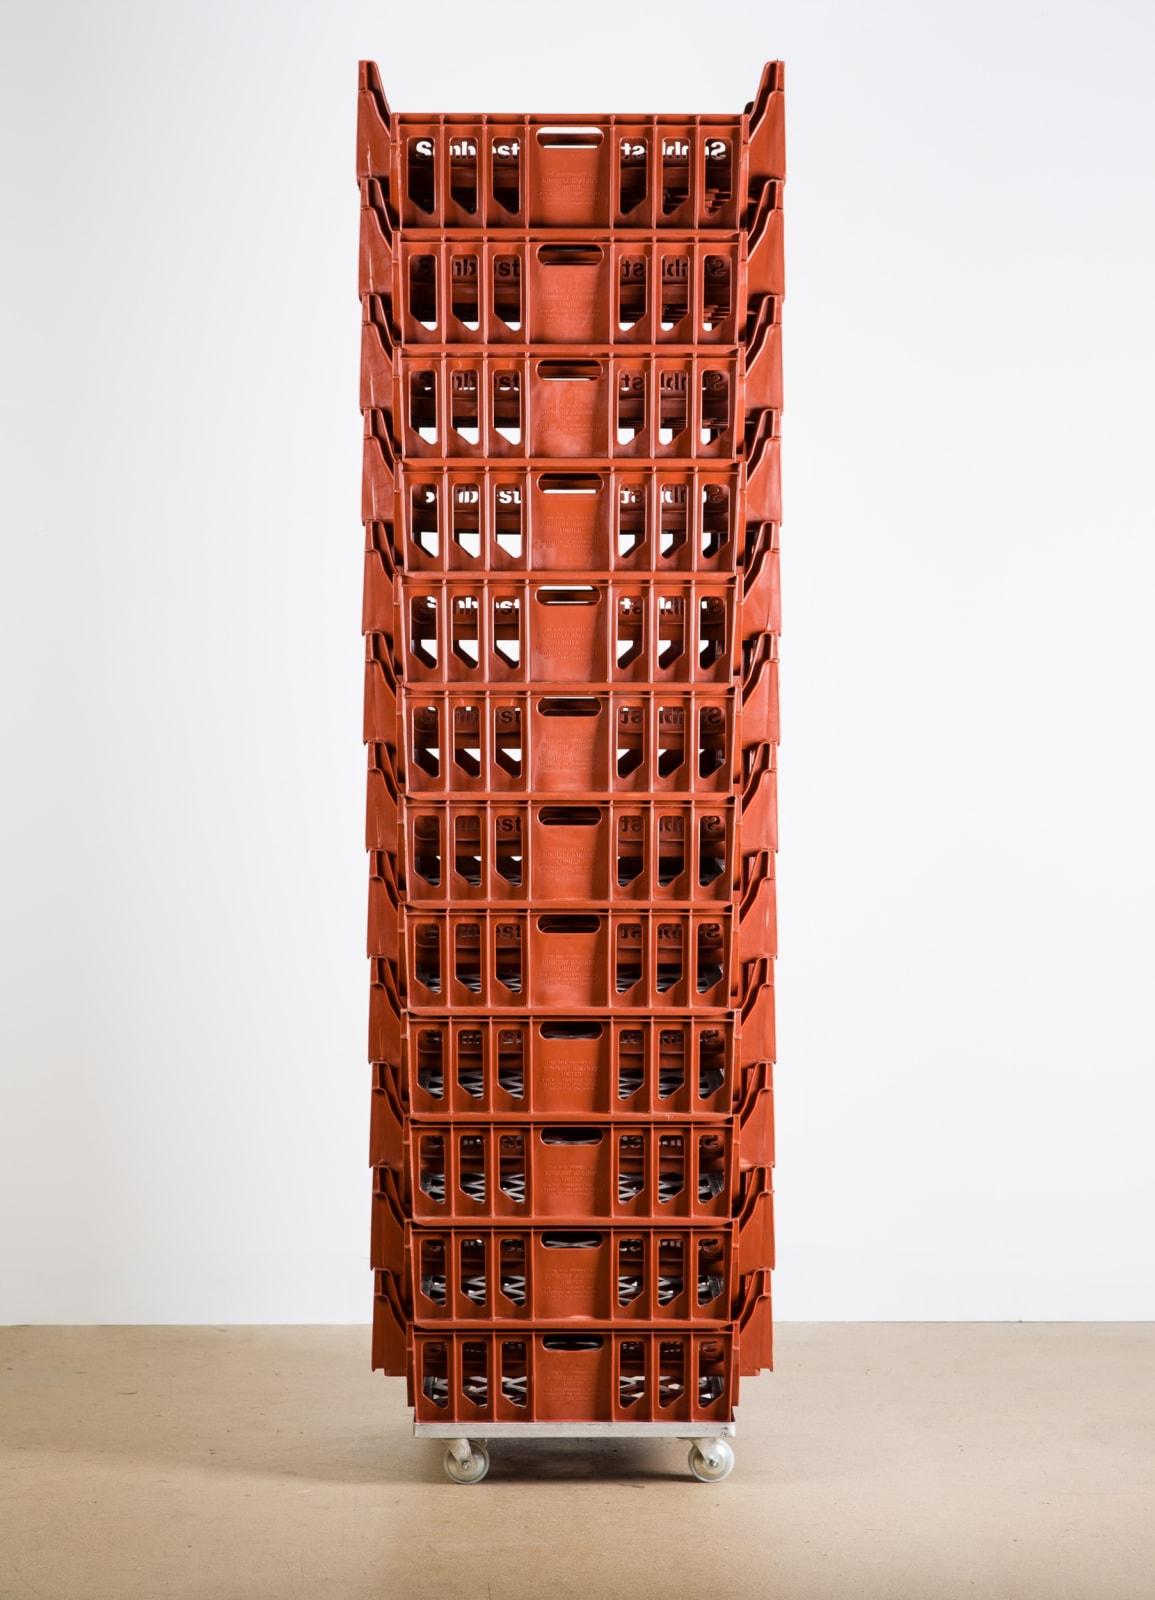 Michael Landy, Stack VII, 1990.